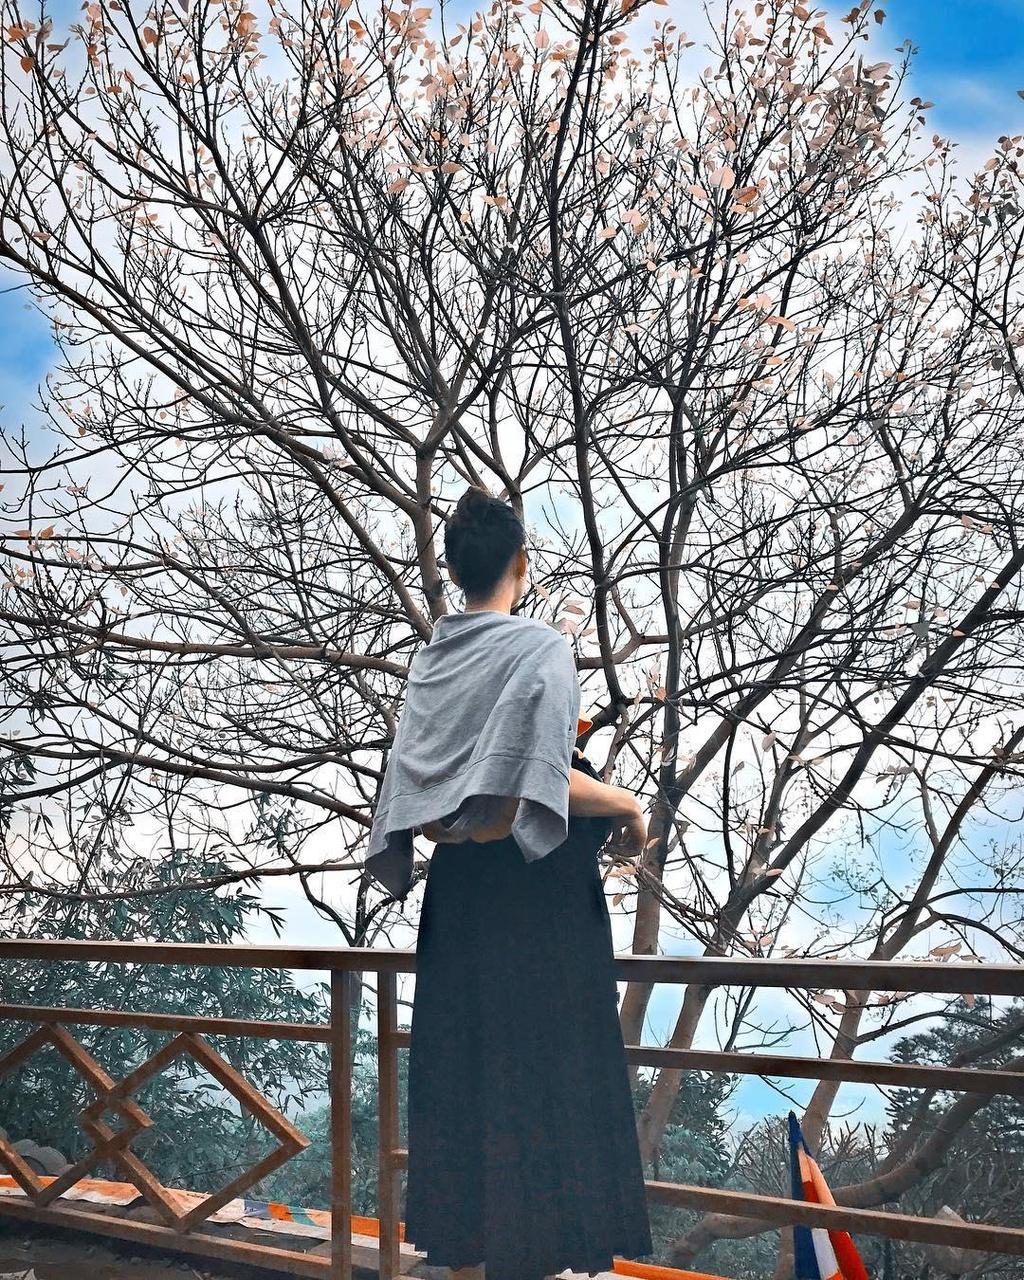 'Song Lung Khung Long' va cac noi dung vao la co anh dep o Quang Ninh hinh anh 1